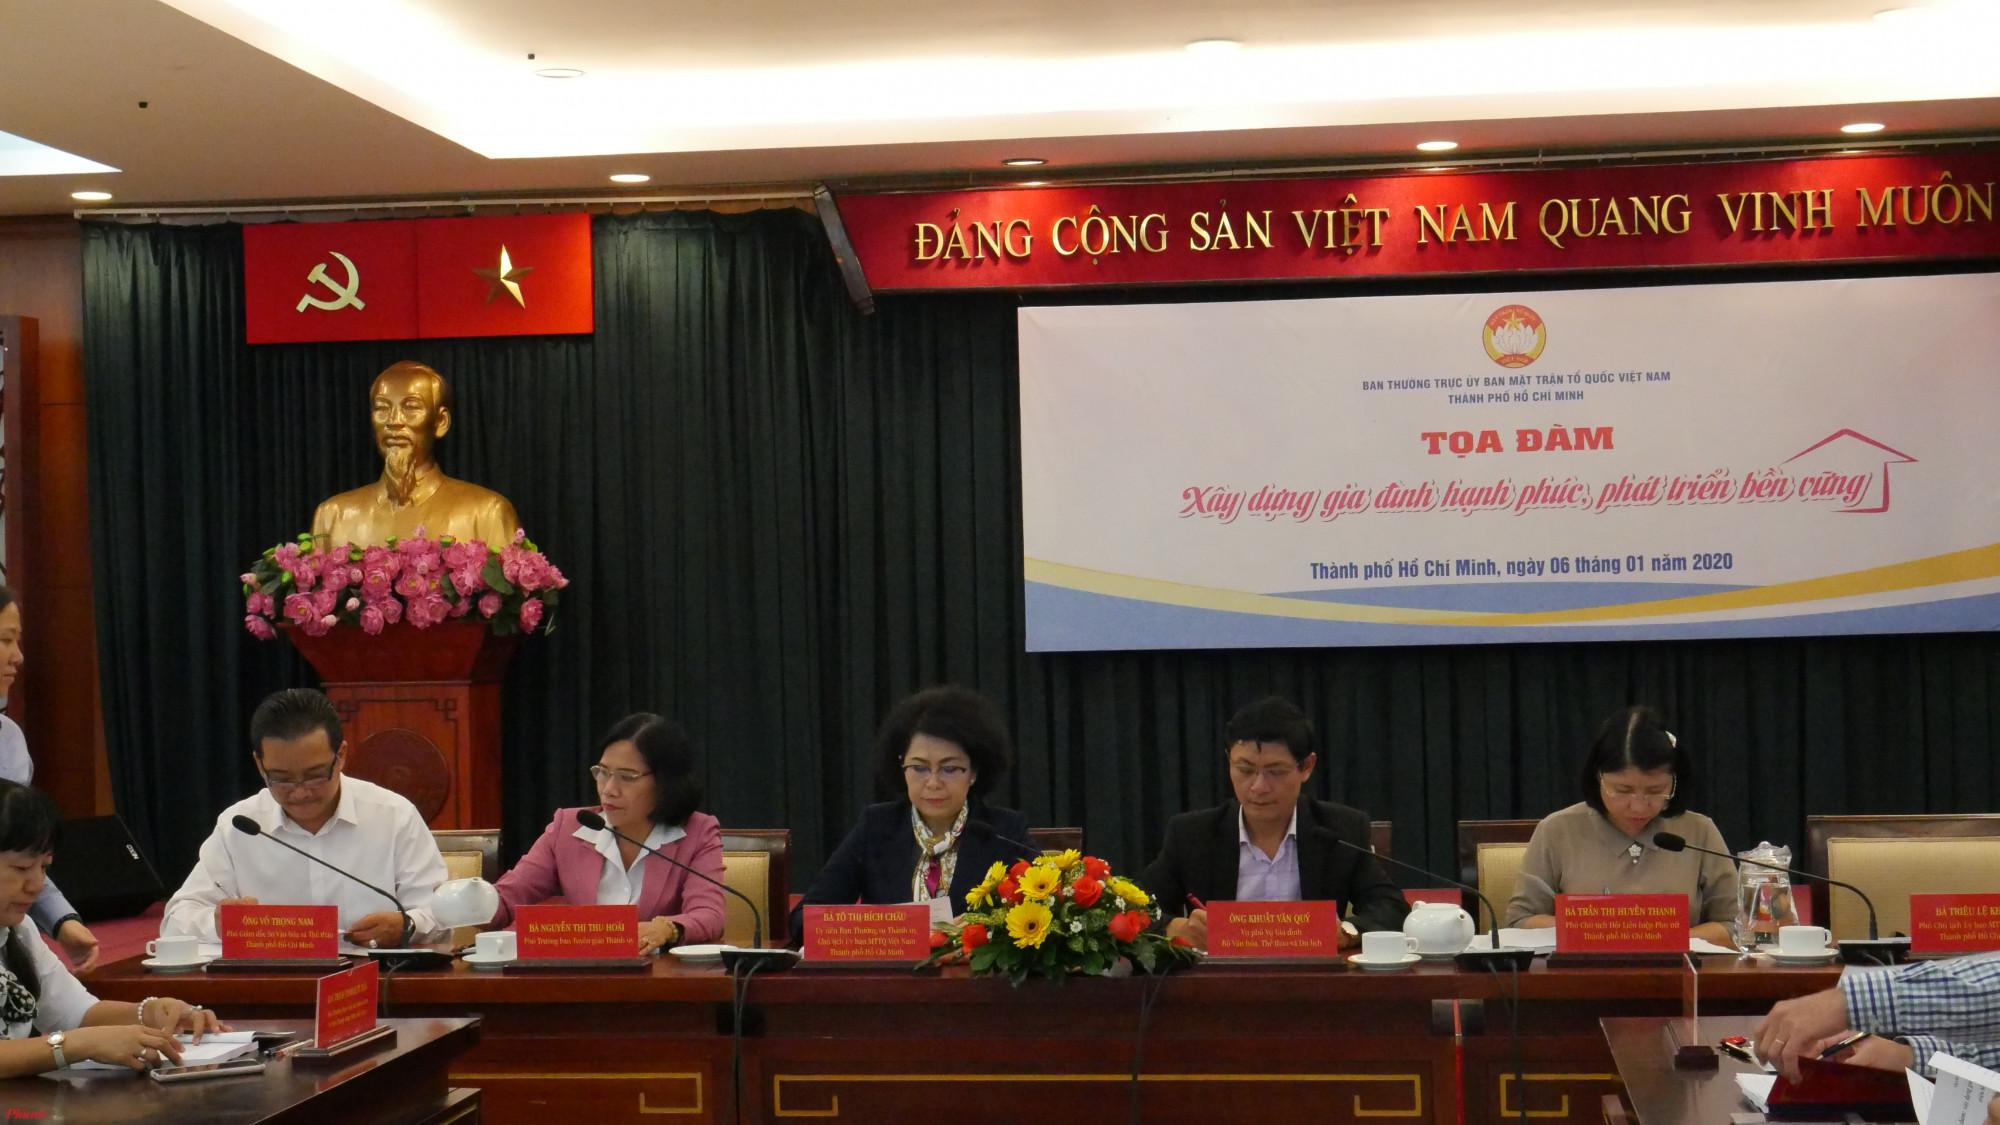 Bộ Văn hóa, Thể thao và Du lịch, Ủy ban MTTQ Việt Nam TP.HCM, Ban Tuyên giáo Thành ủy, Sở Văn hóa và Thể thao, Hội LHPN TP.HCM tham gia chủ trì tọa đàm.